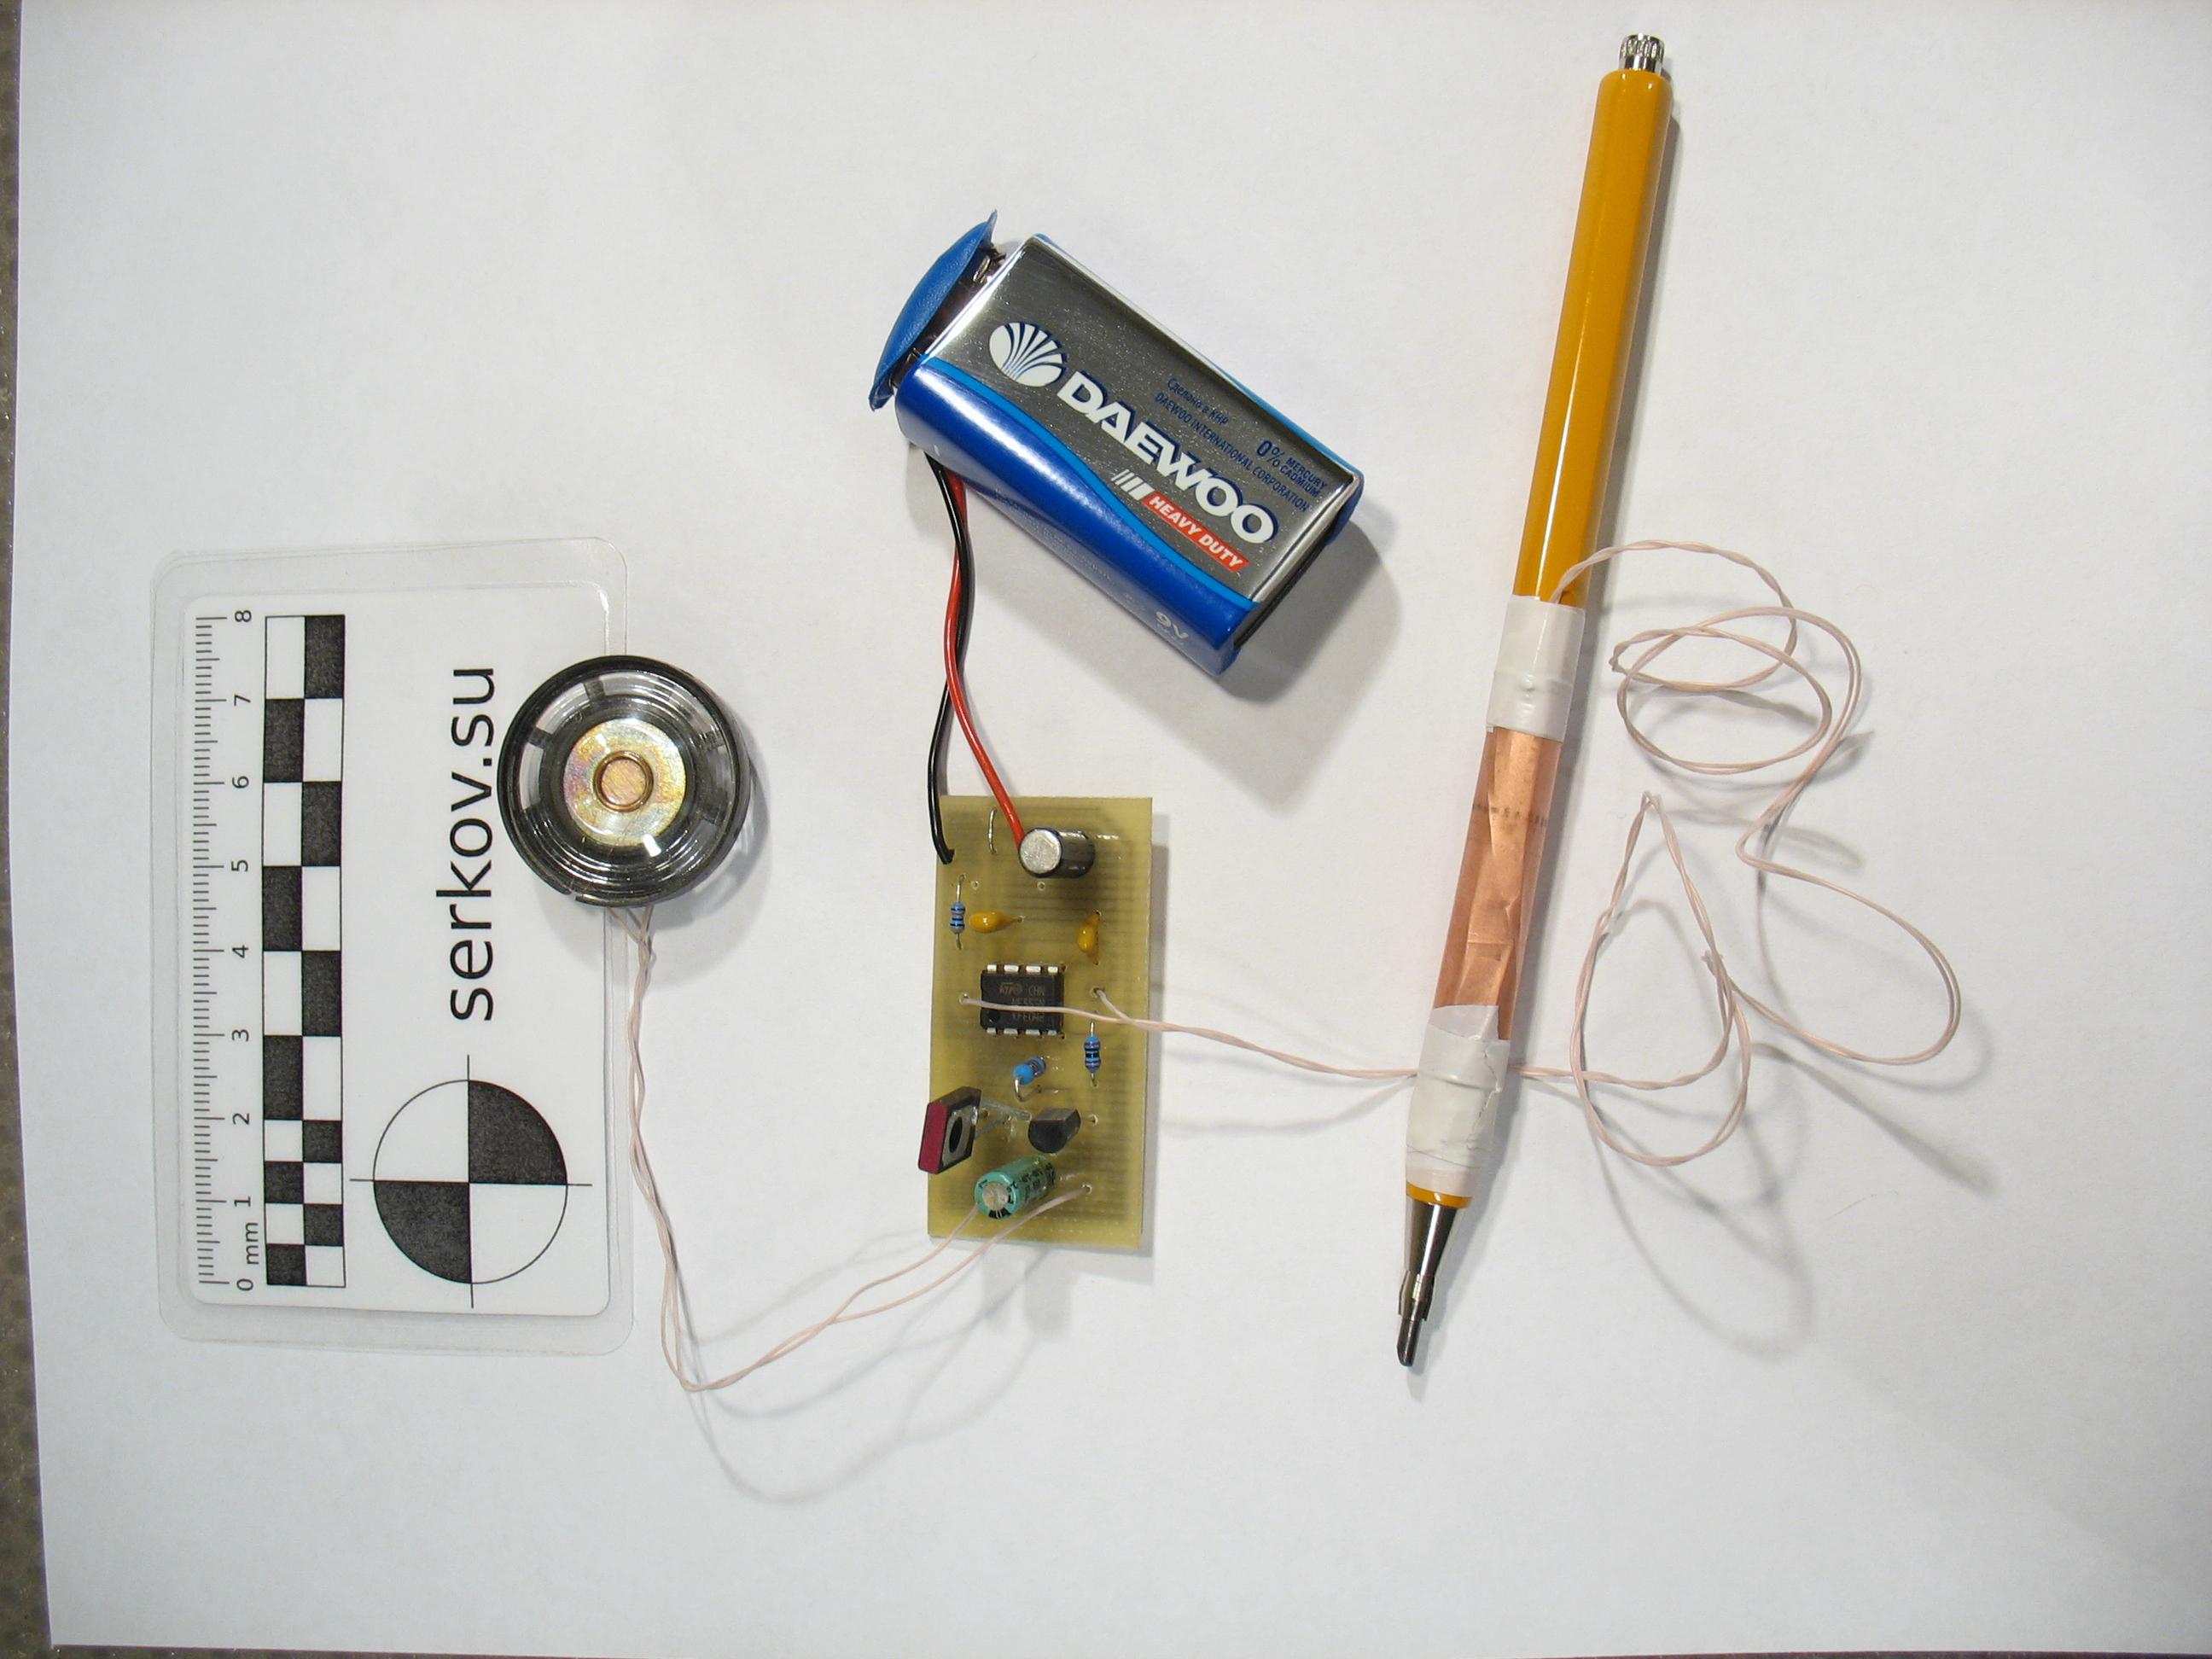 Сделай своими руками с электроникой